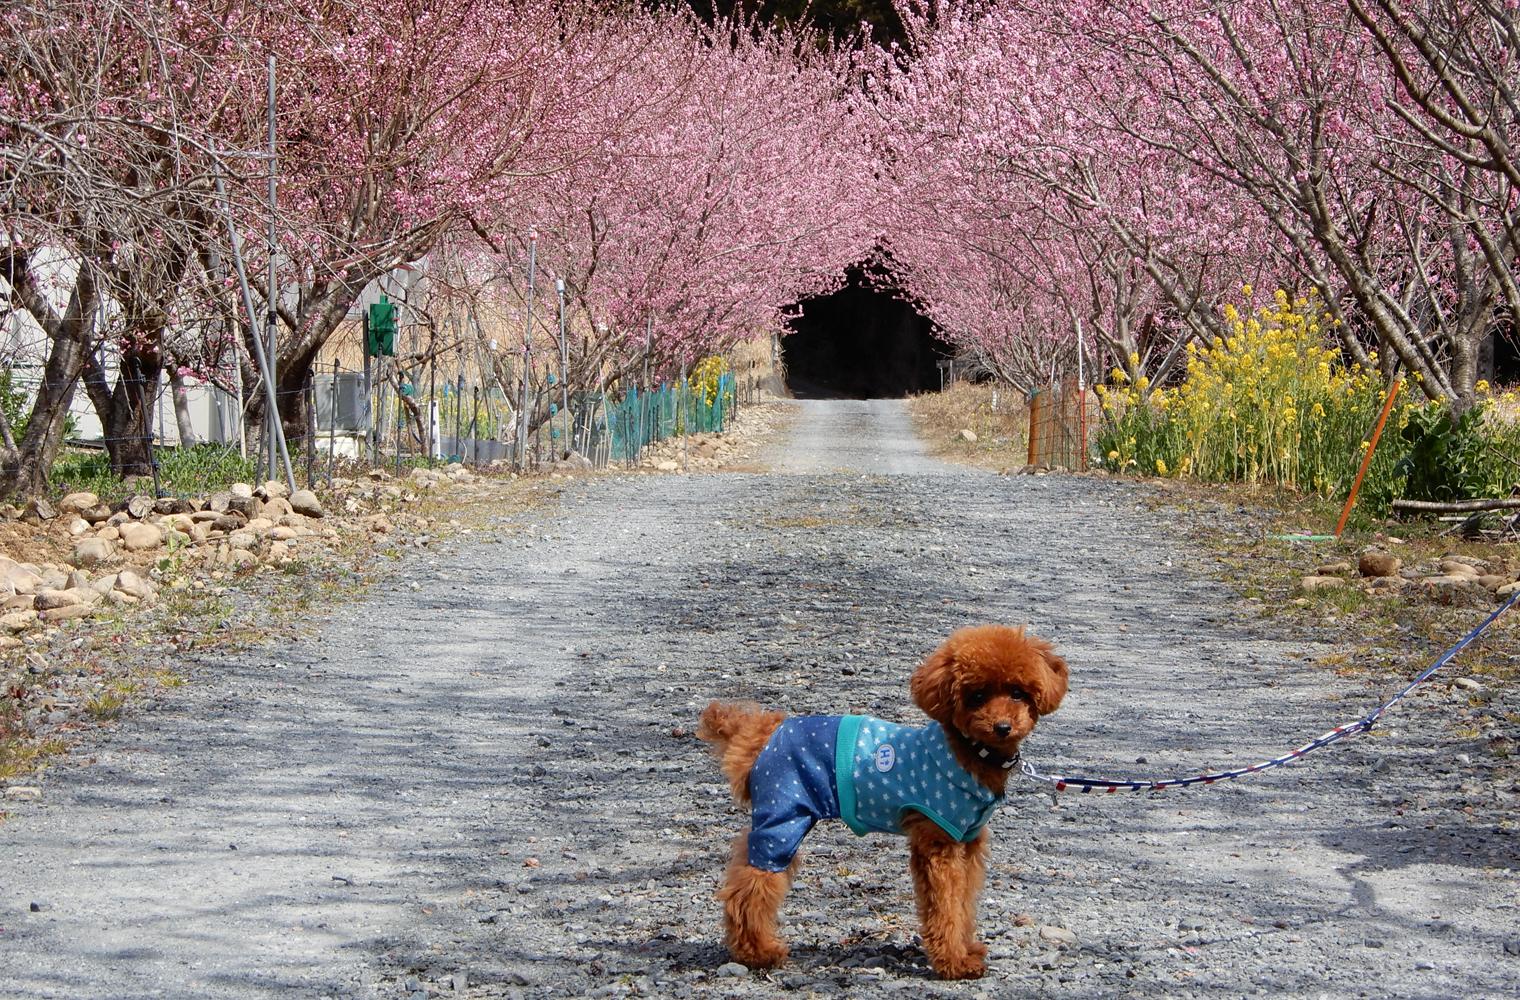 道の駅 花桃の里でハナモモとわんこの素敵な写真を(浜松市天竜区)